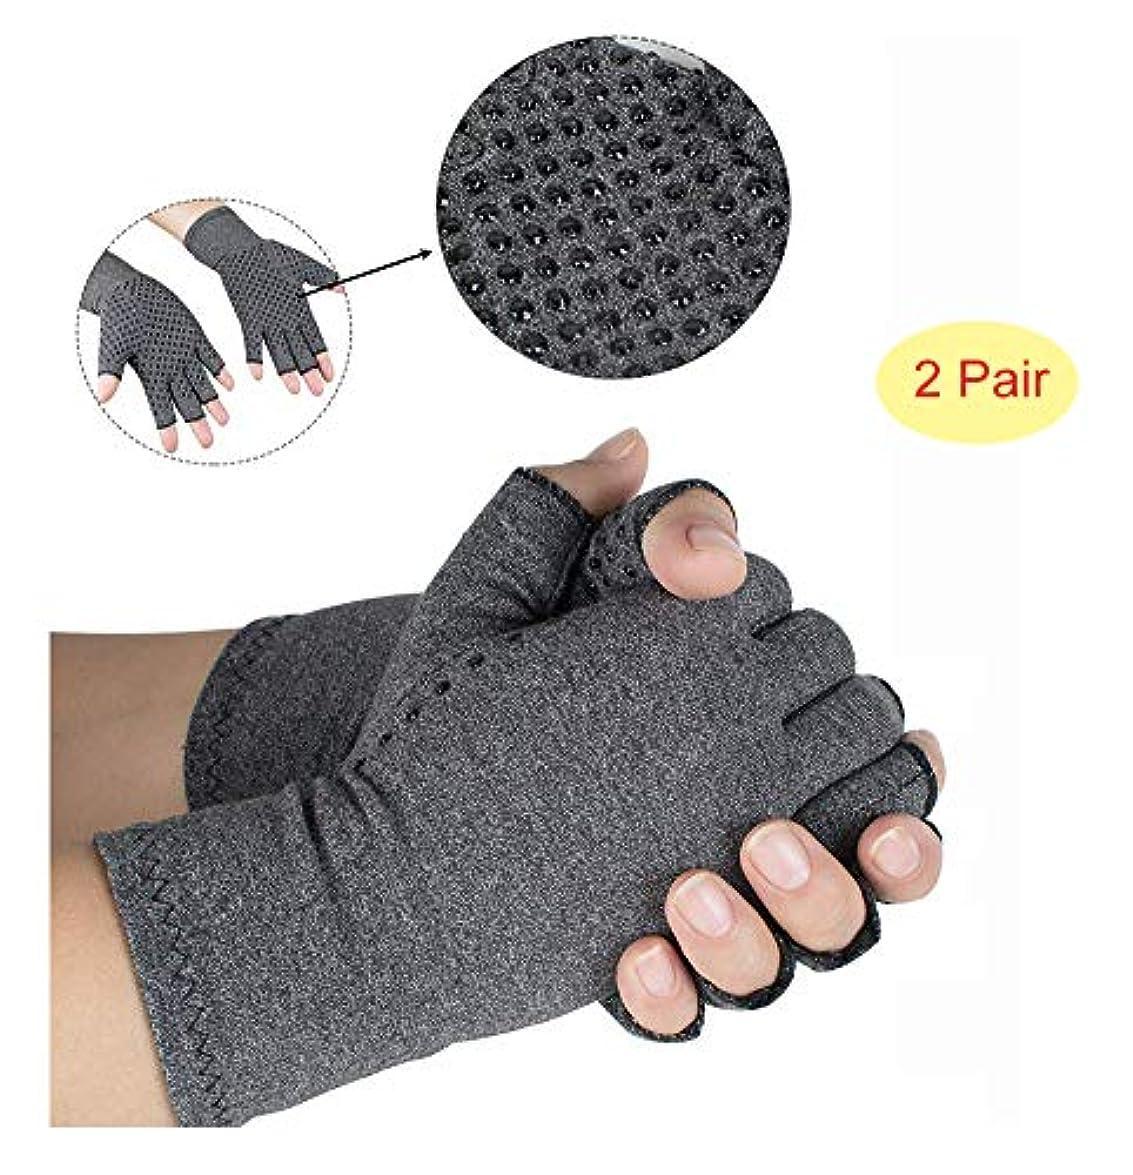 講師血顧問関節炎手袋、灰色の滑り止め、毎日の仕事、手と関節の痛みの軽減のための抗関節炎の健康療法の圧縮手袋、2ペア,2Pair,L